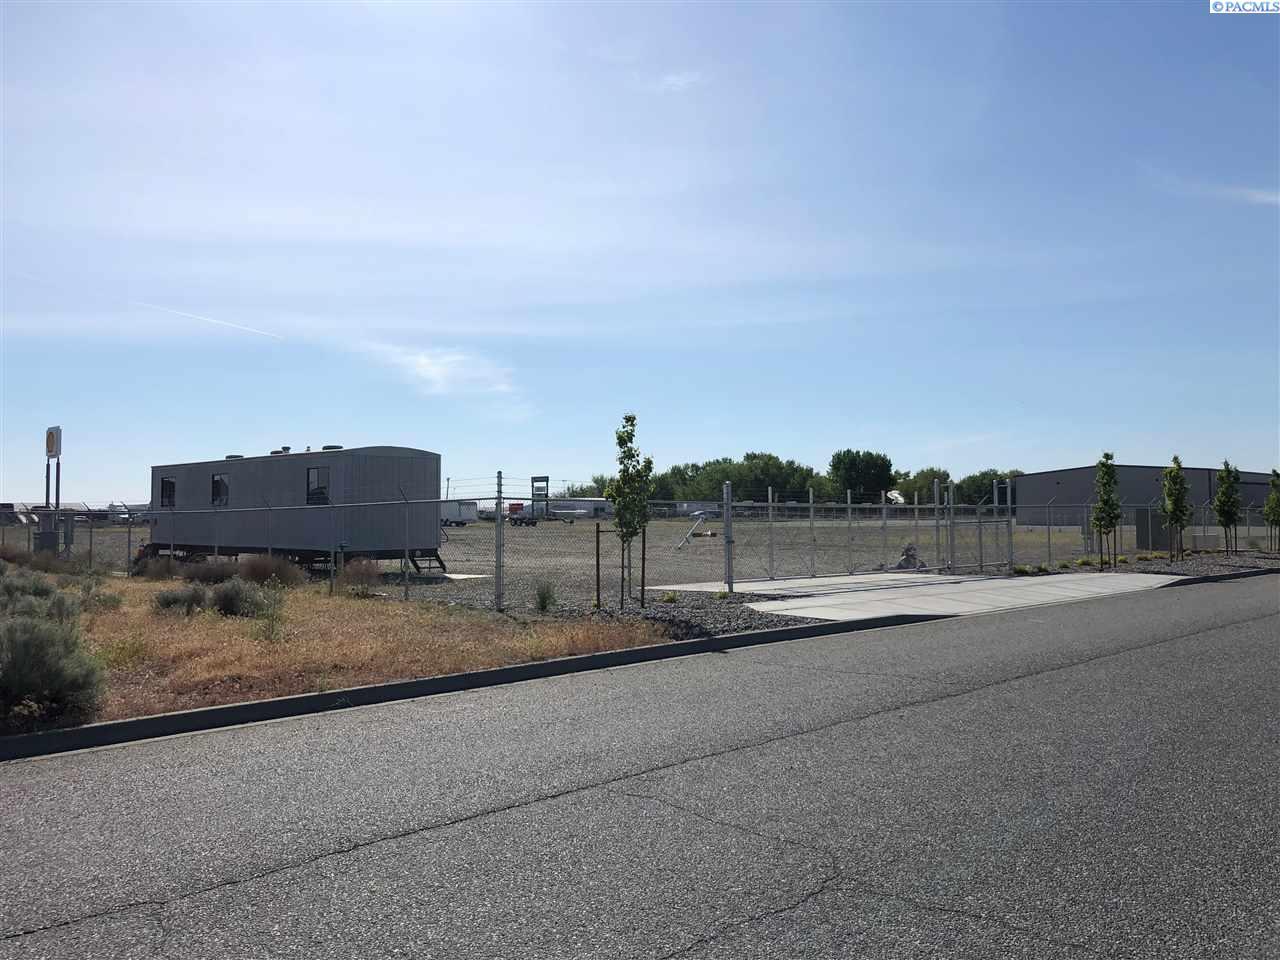 Land for Sale at 3335 Travel Plaza Way Pasco, Washington 99301 United States